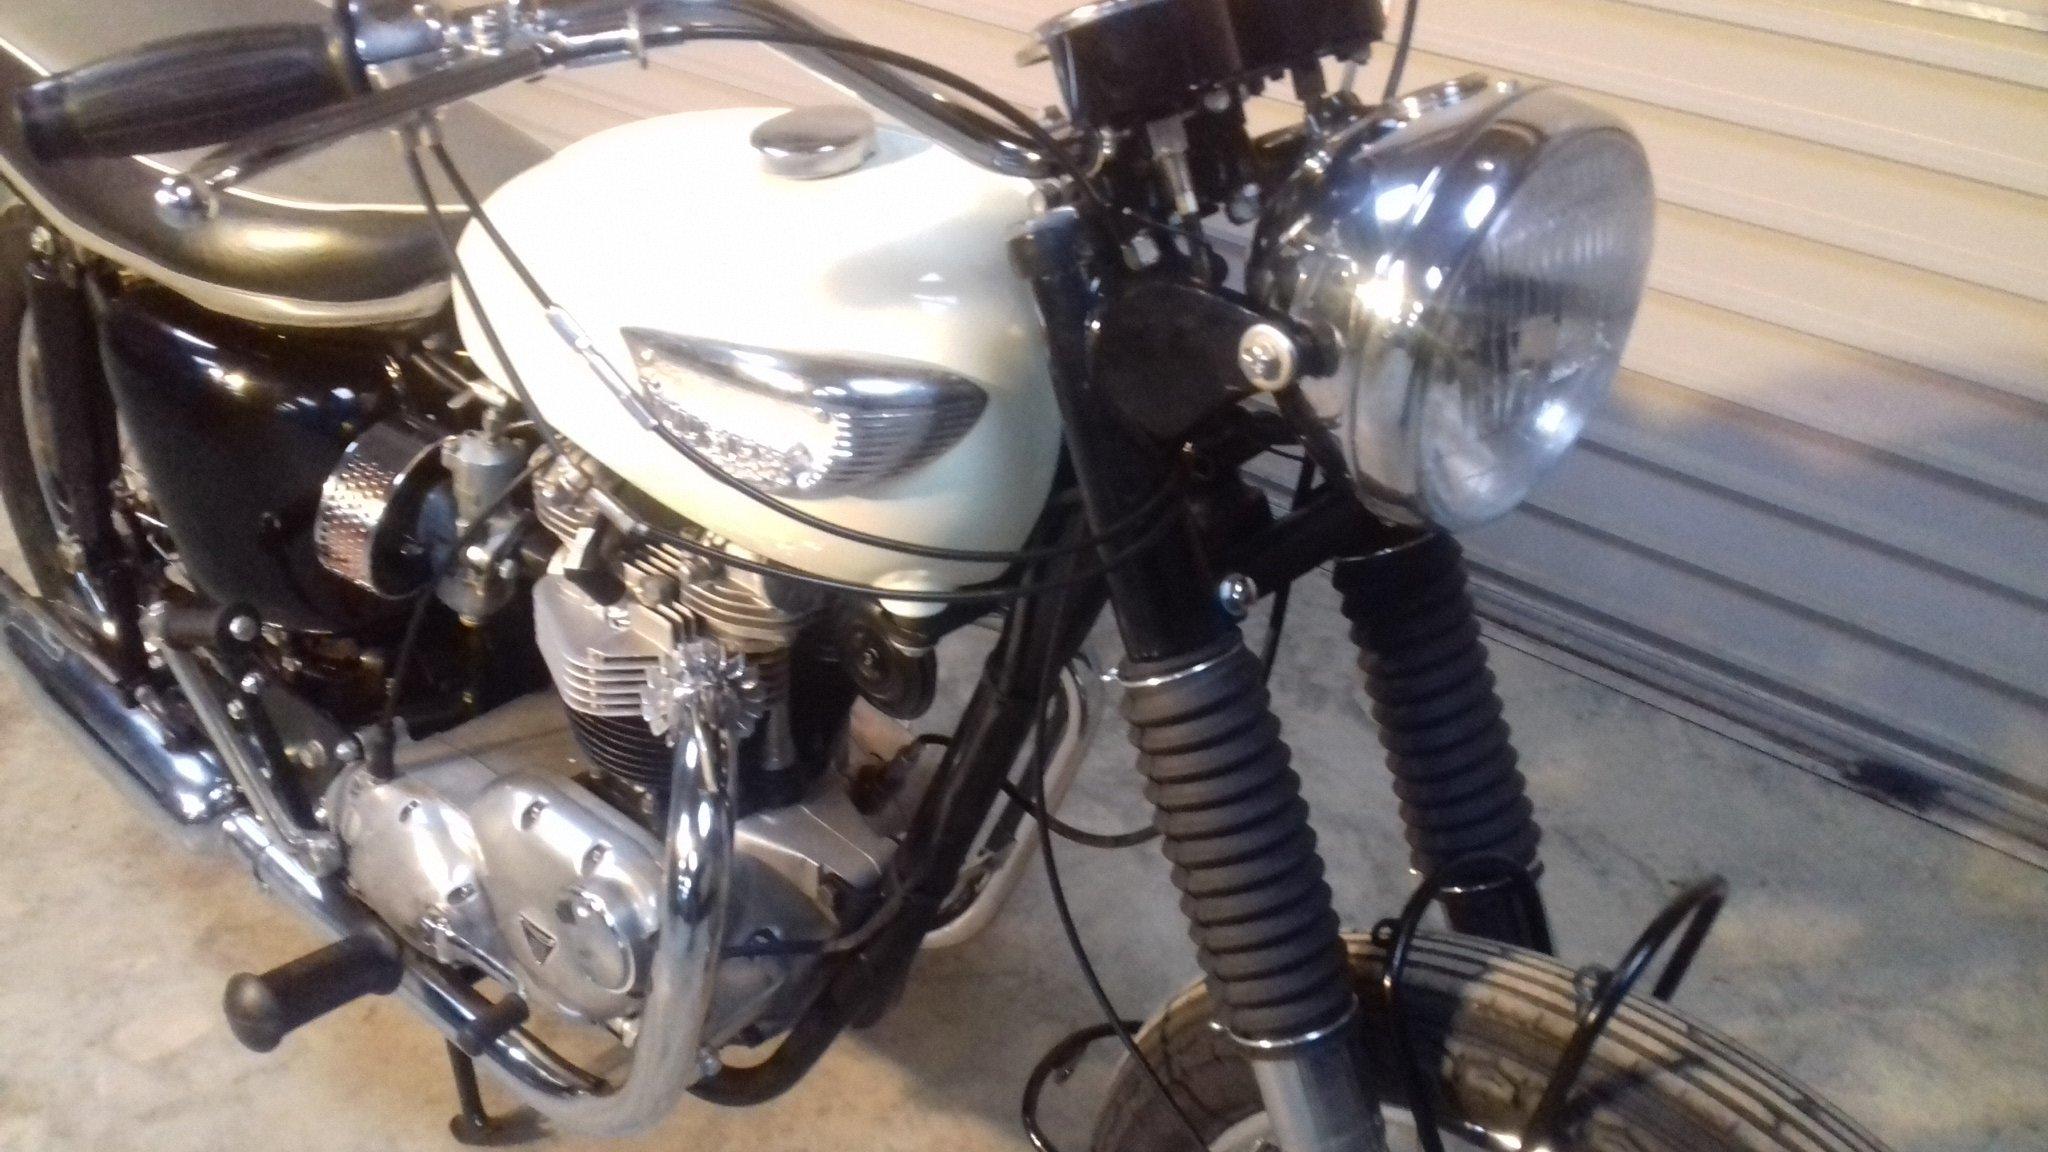 1967 Triumph Bonneville T120R For Sale (picture 5 of 6)